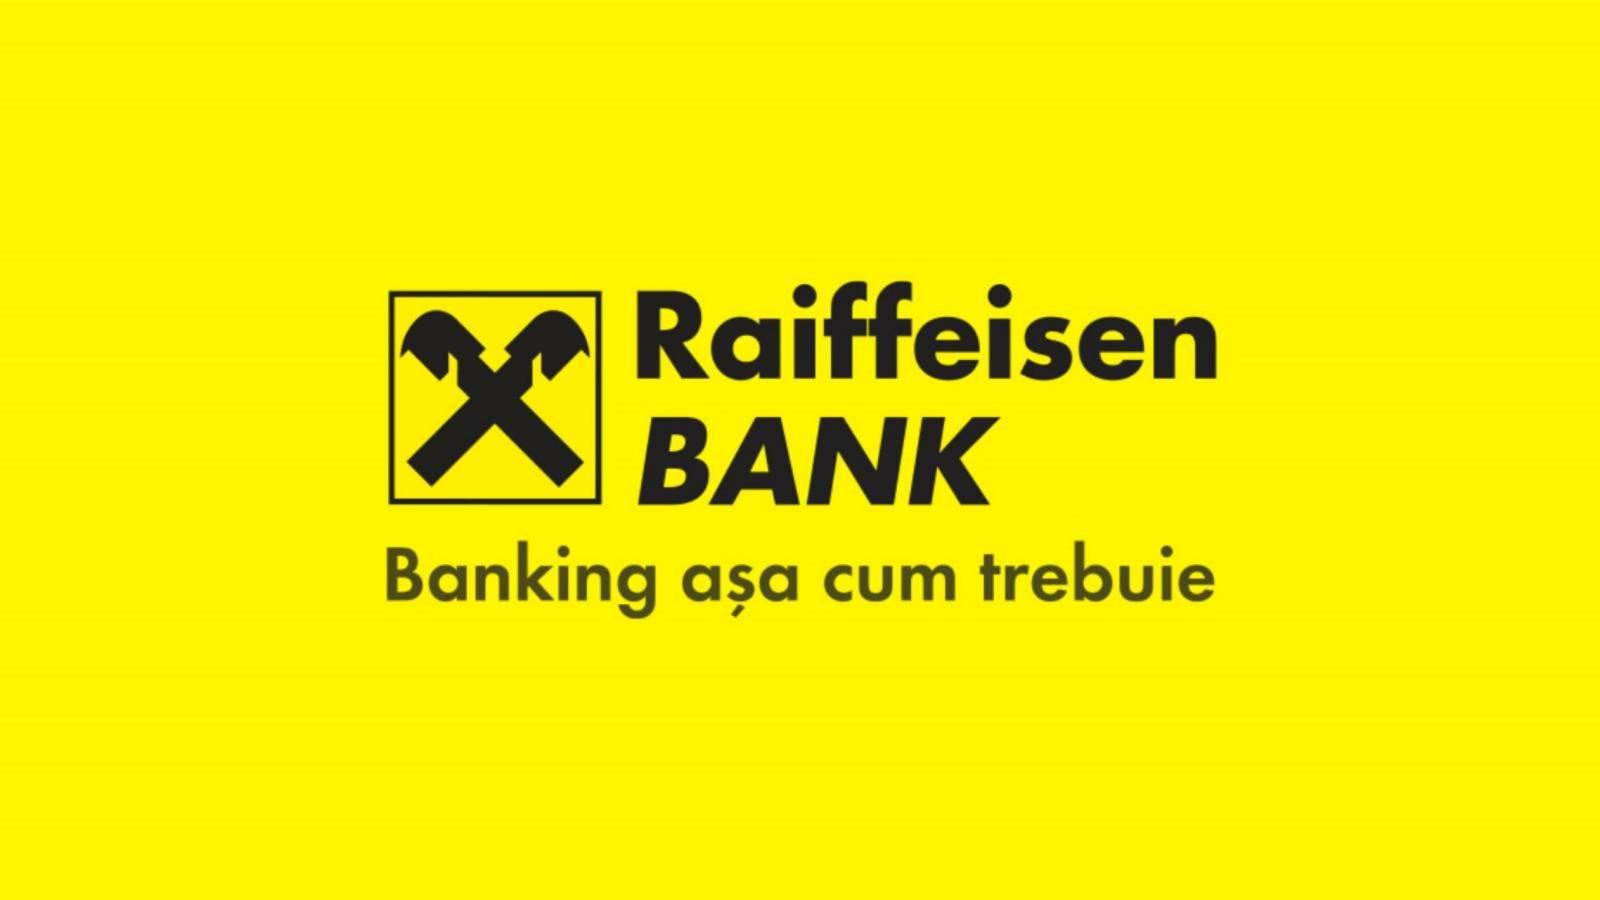 Raiffeisen Bank inteligent